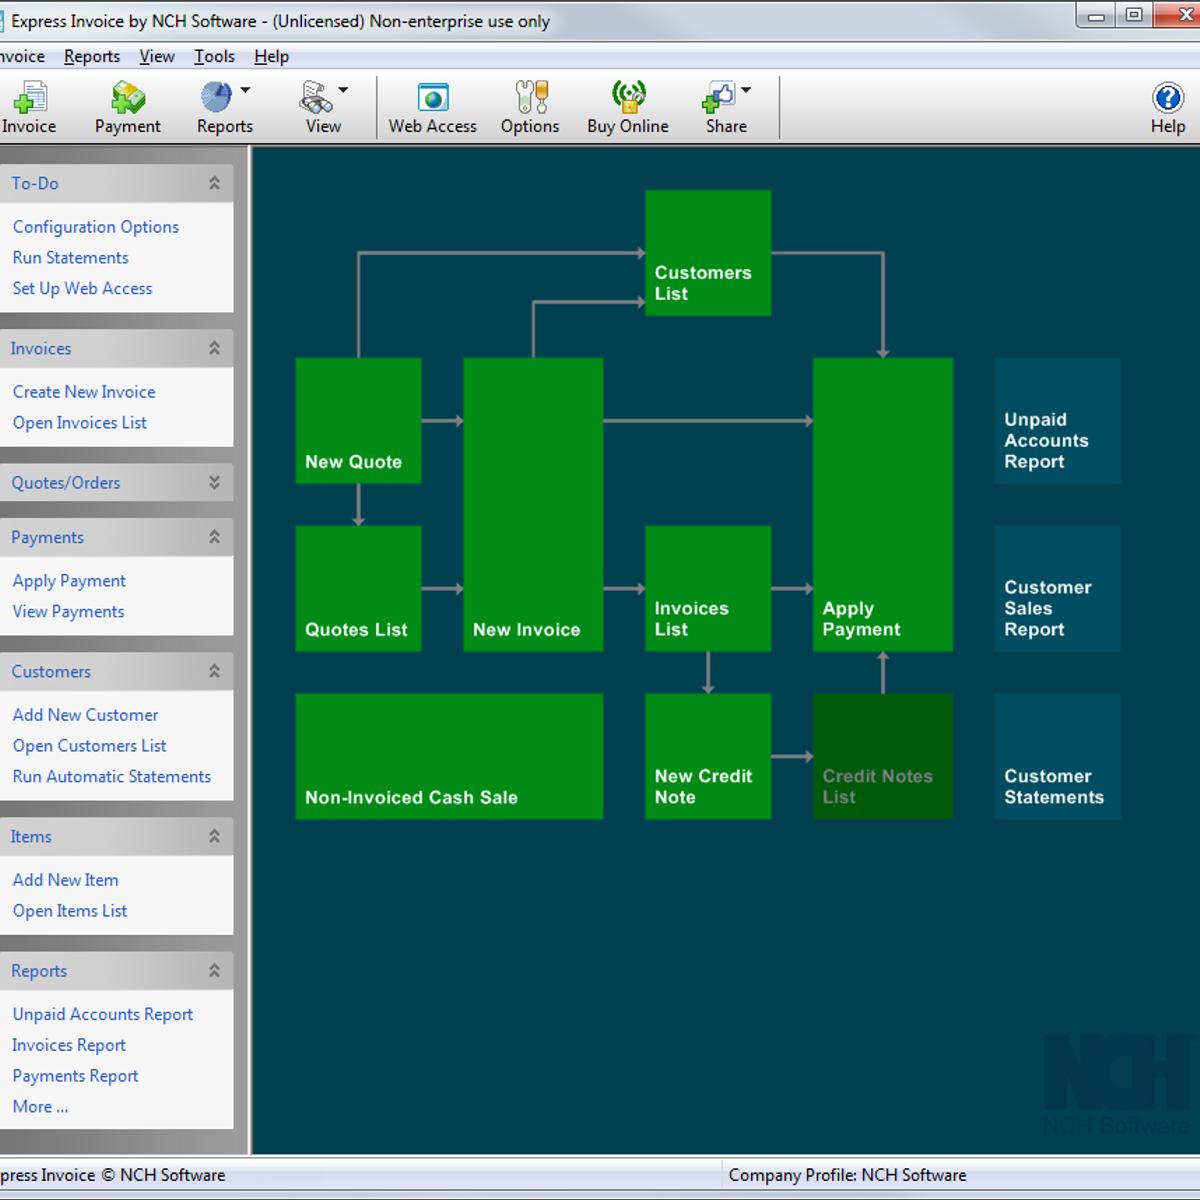 Express Invoice Alternatives And Similar Software AlternativeTonet - Open invoice software